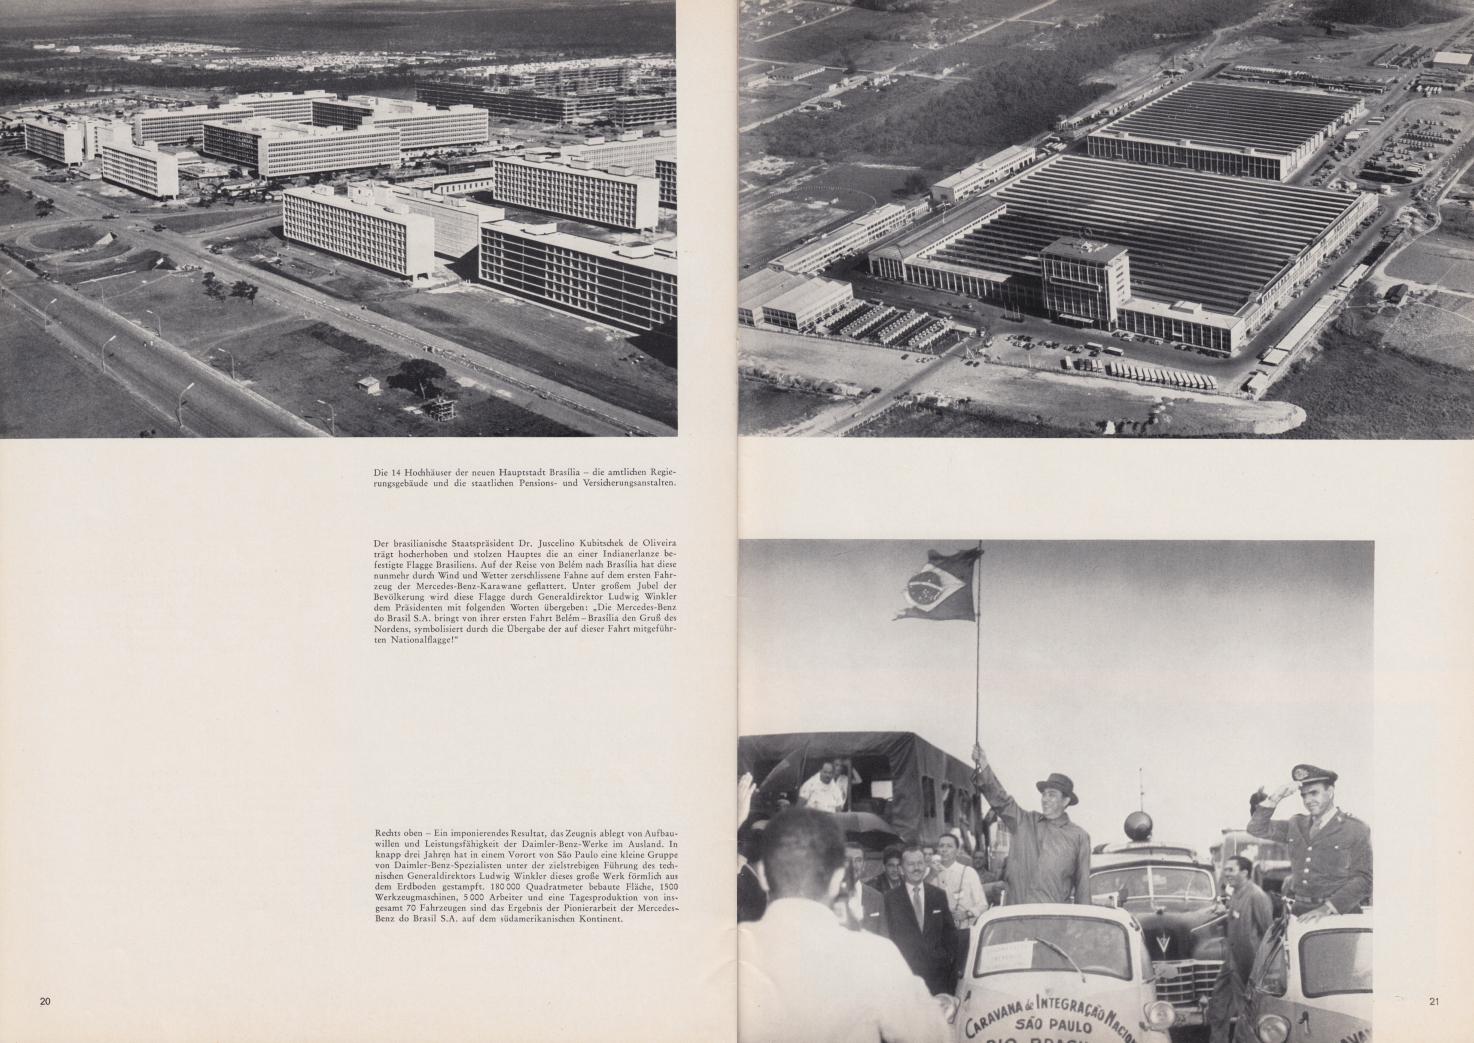 (REVISTA): Periódico In aller welt n.º 42 - Mercedes-Benz no mundo - 1960 - multilingue - com imagens do Brasil e construção de Brasília 013